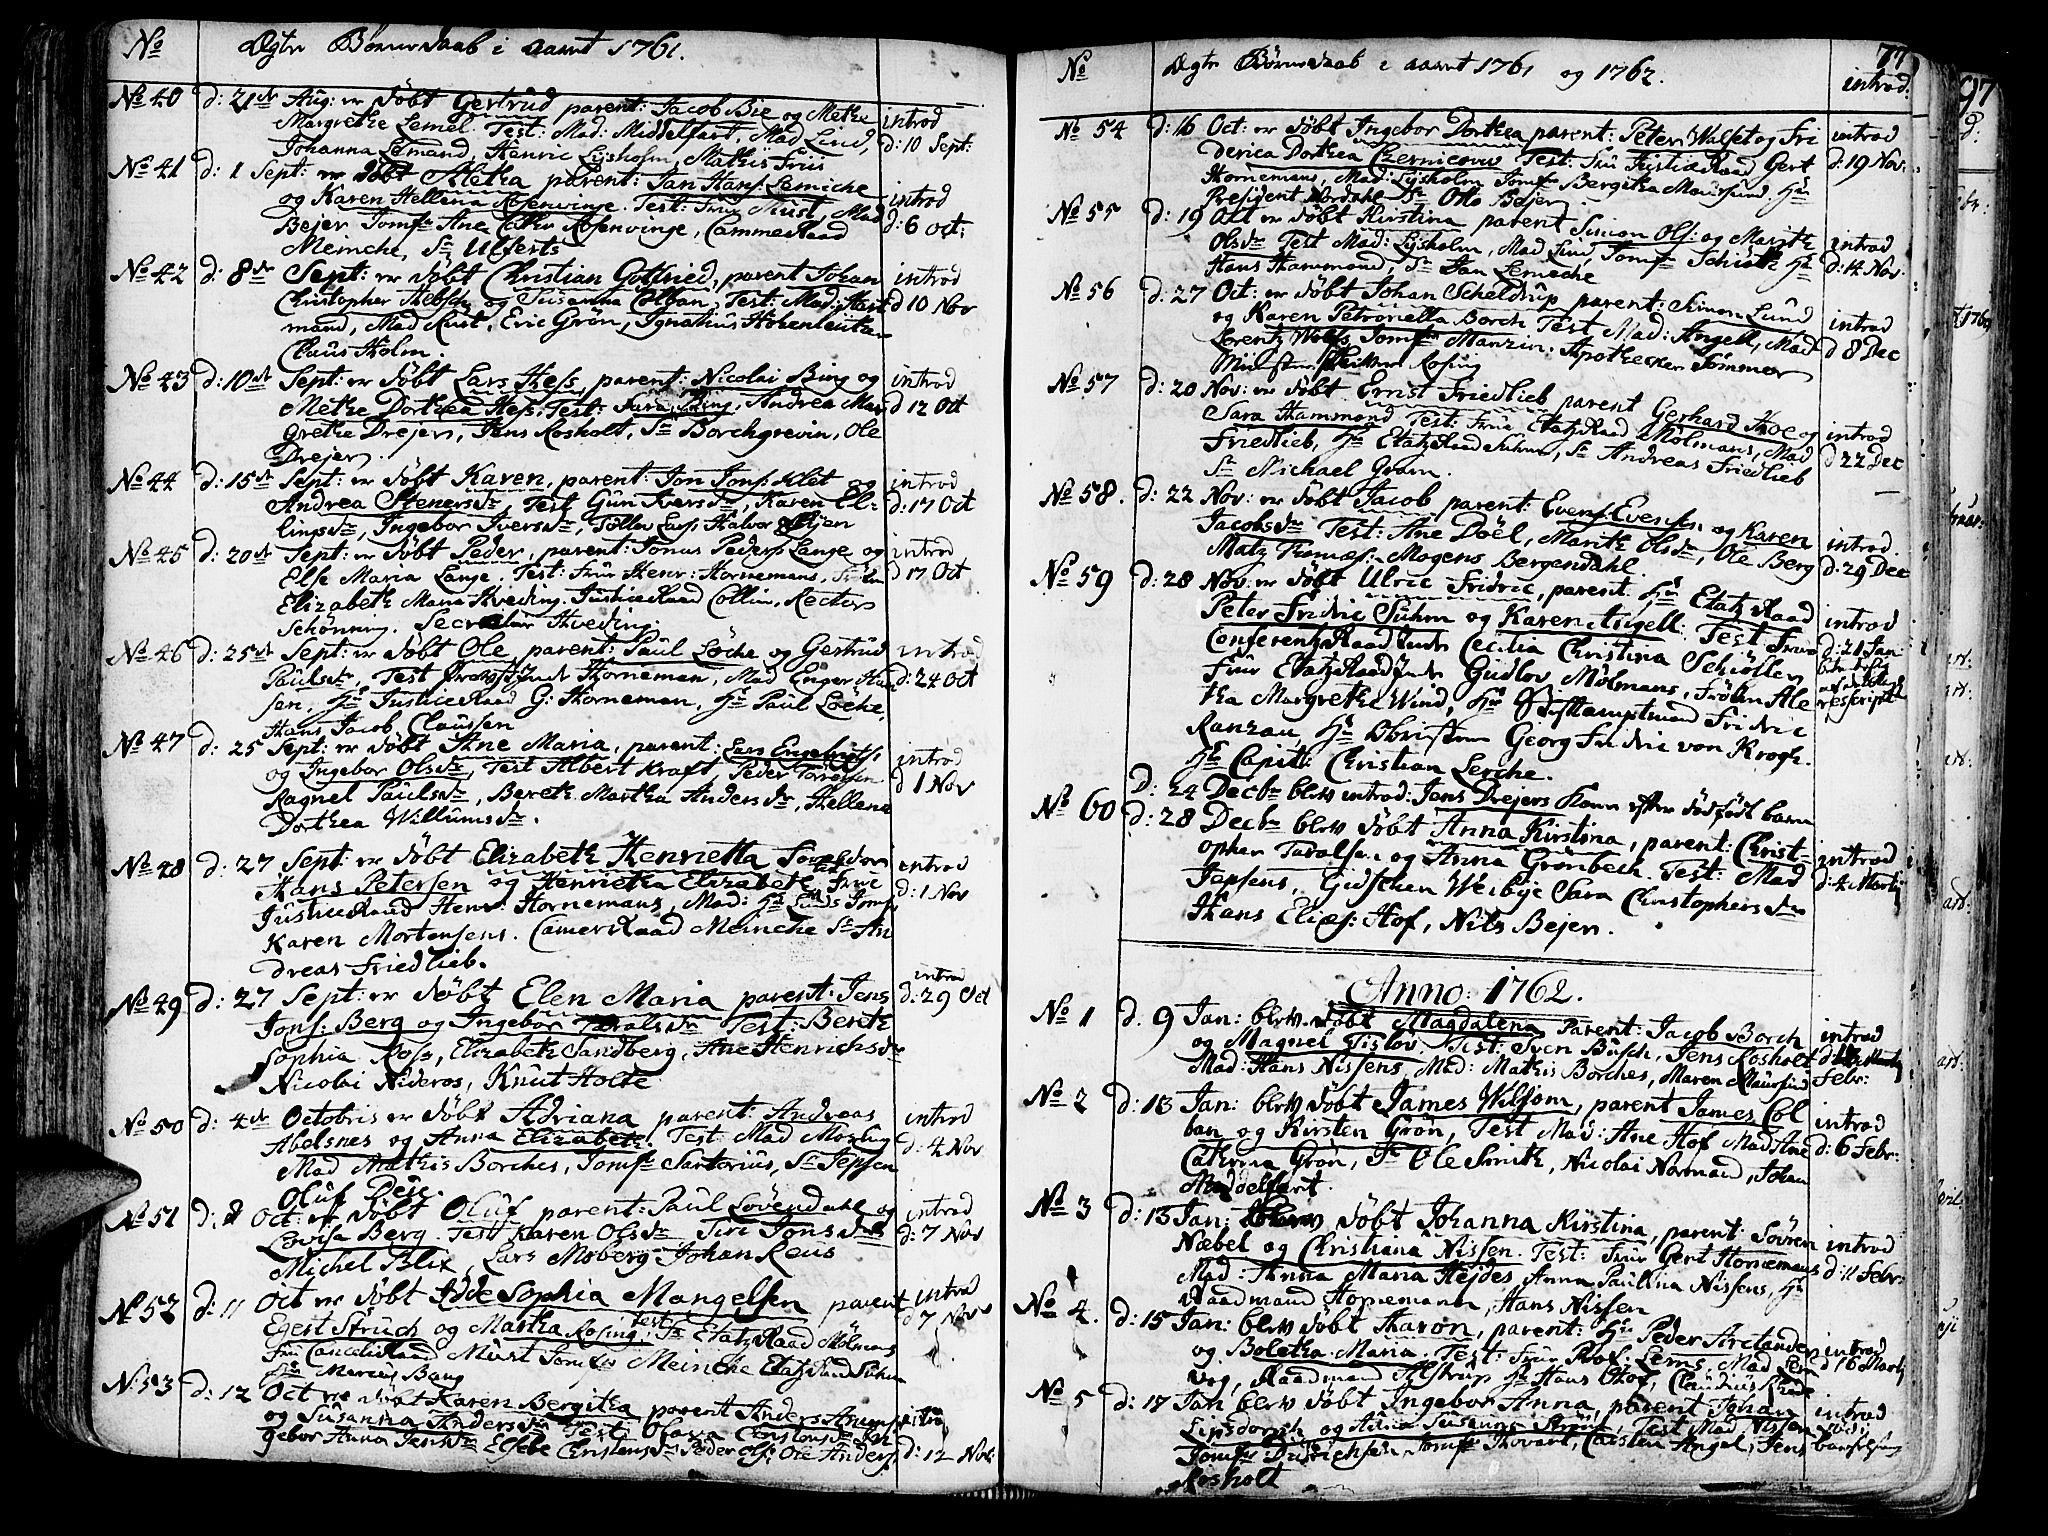 SAT, Ministerialprotokoller, klokkerbøker og fødselsregistre - Sør-Trøndelag, 602/L0103: Ministerialbok nr. 602A01, 1732-1774, s. 77